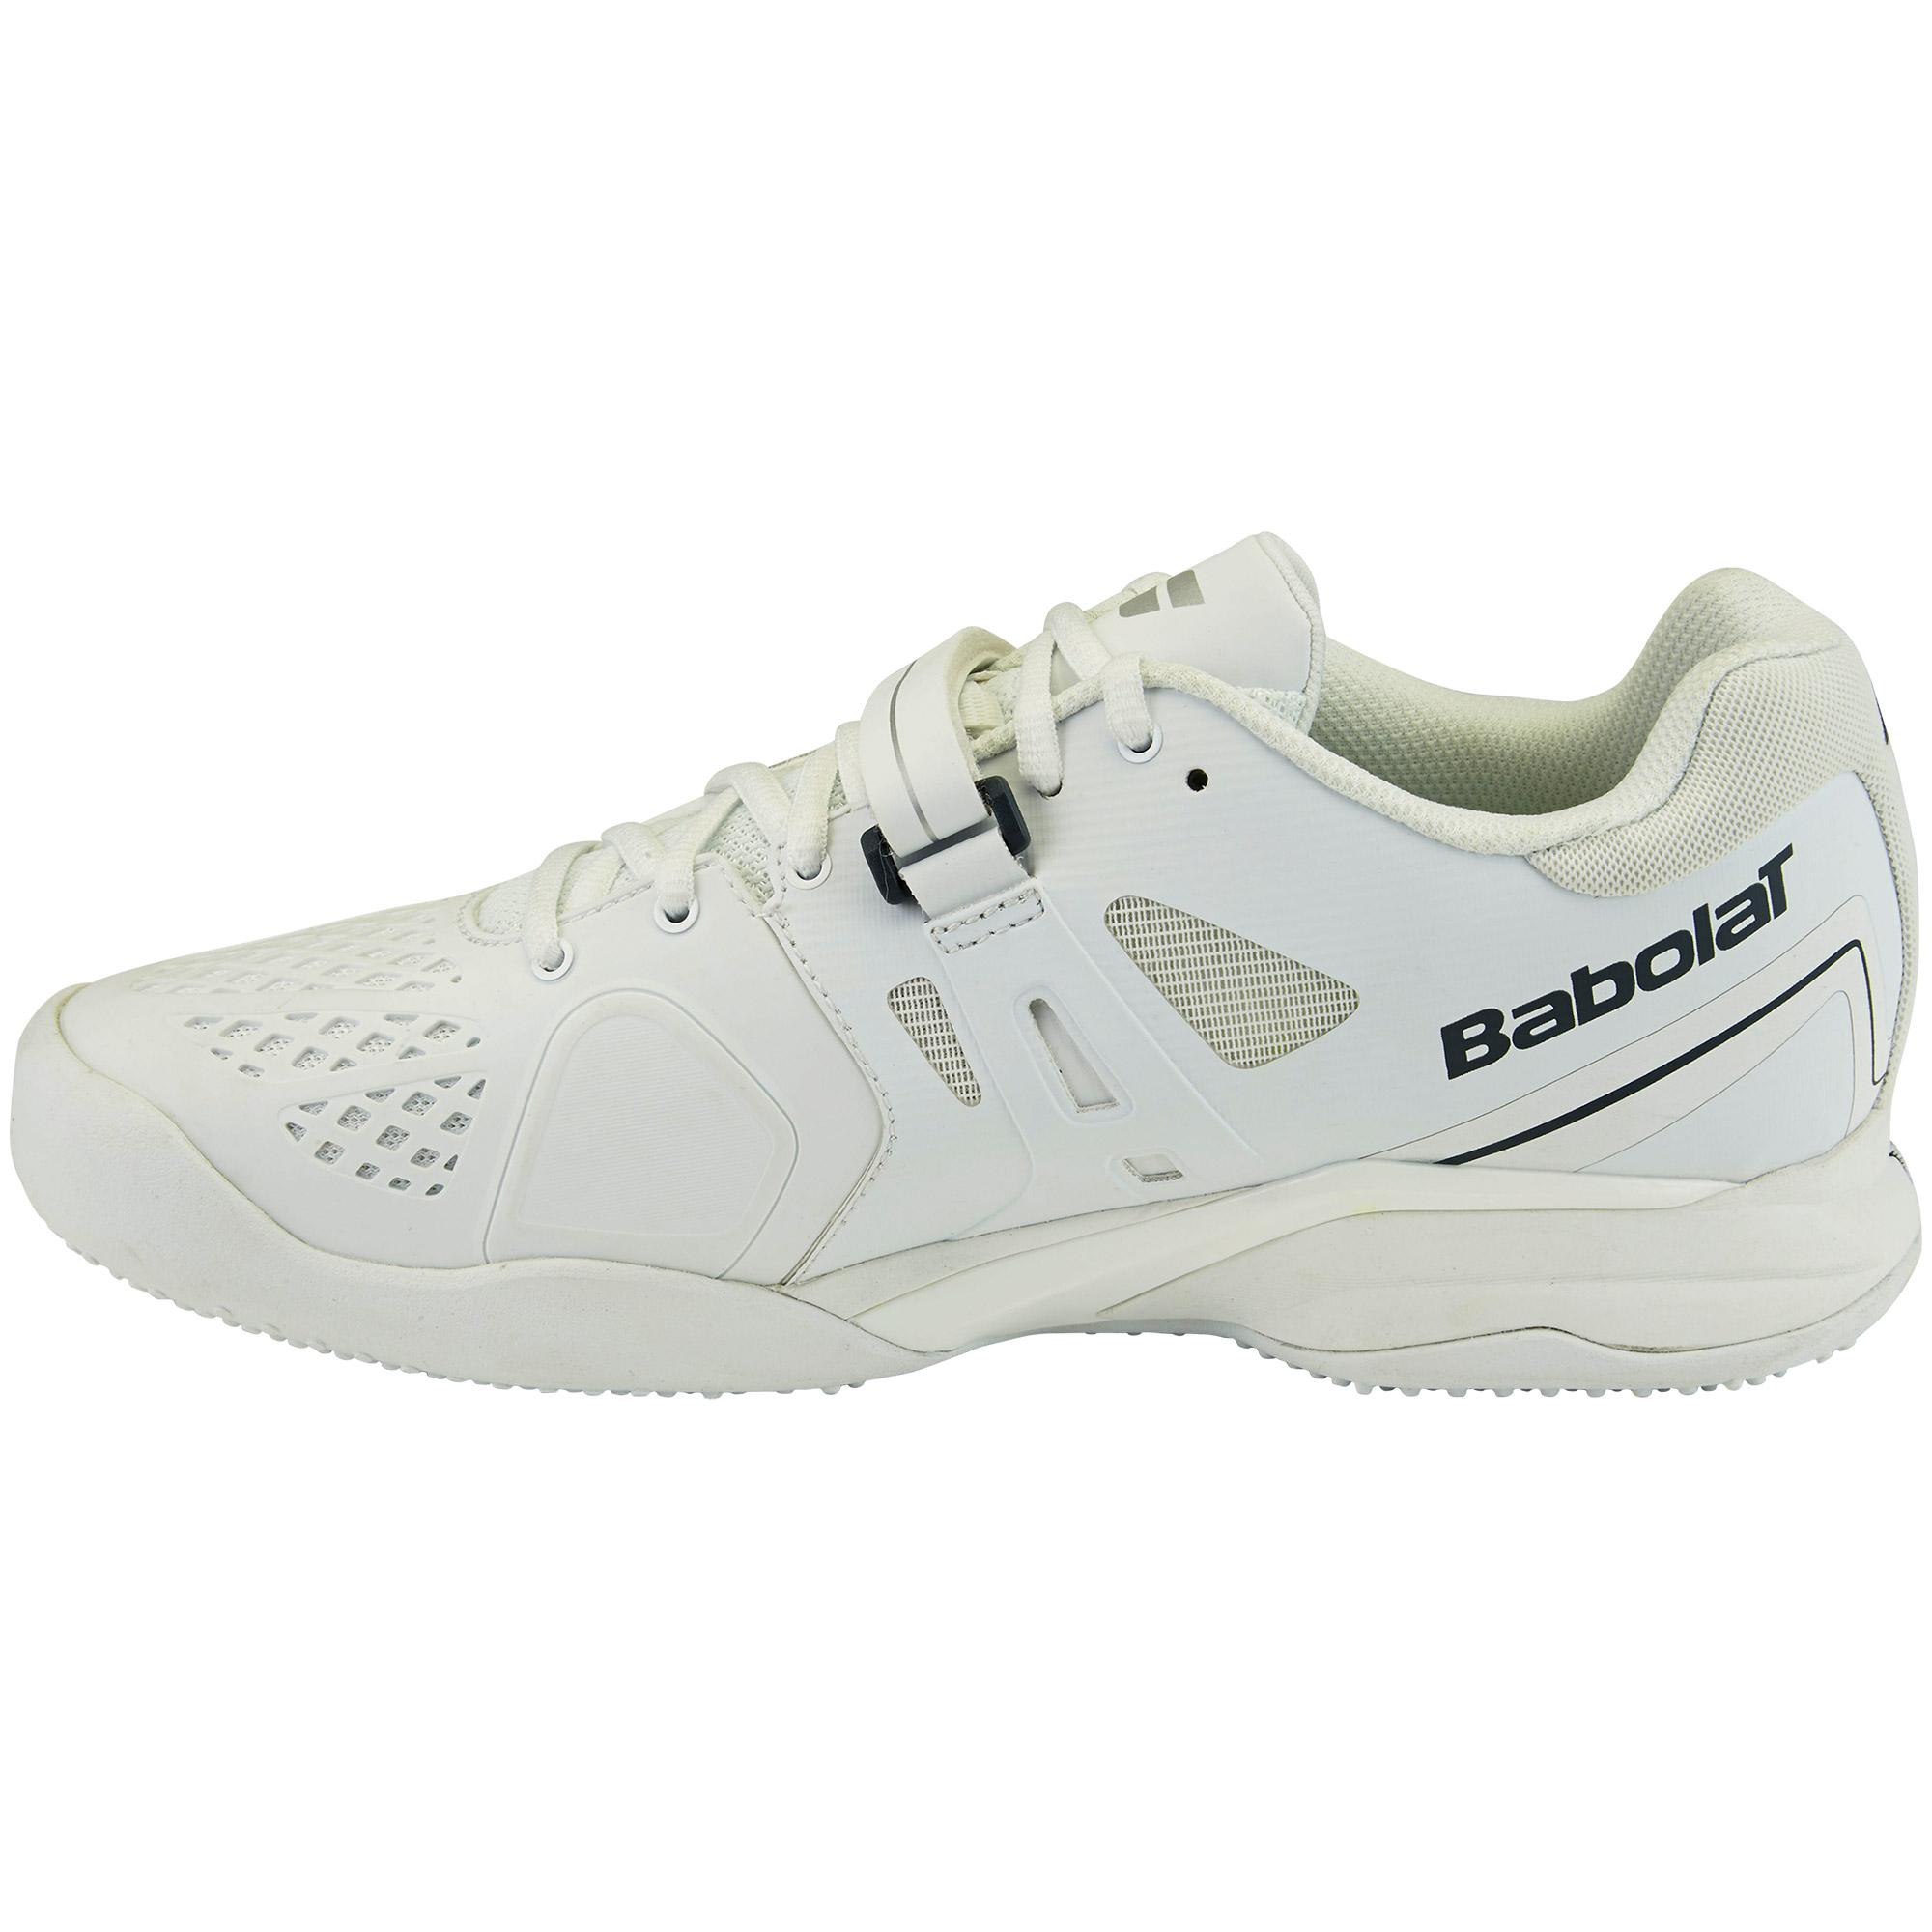 babolat propulse wimbledon grass court tennis shoes